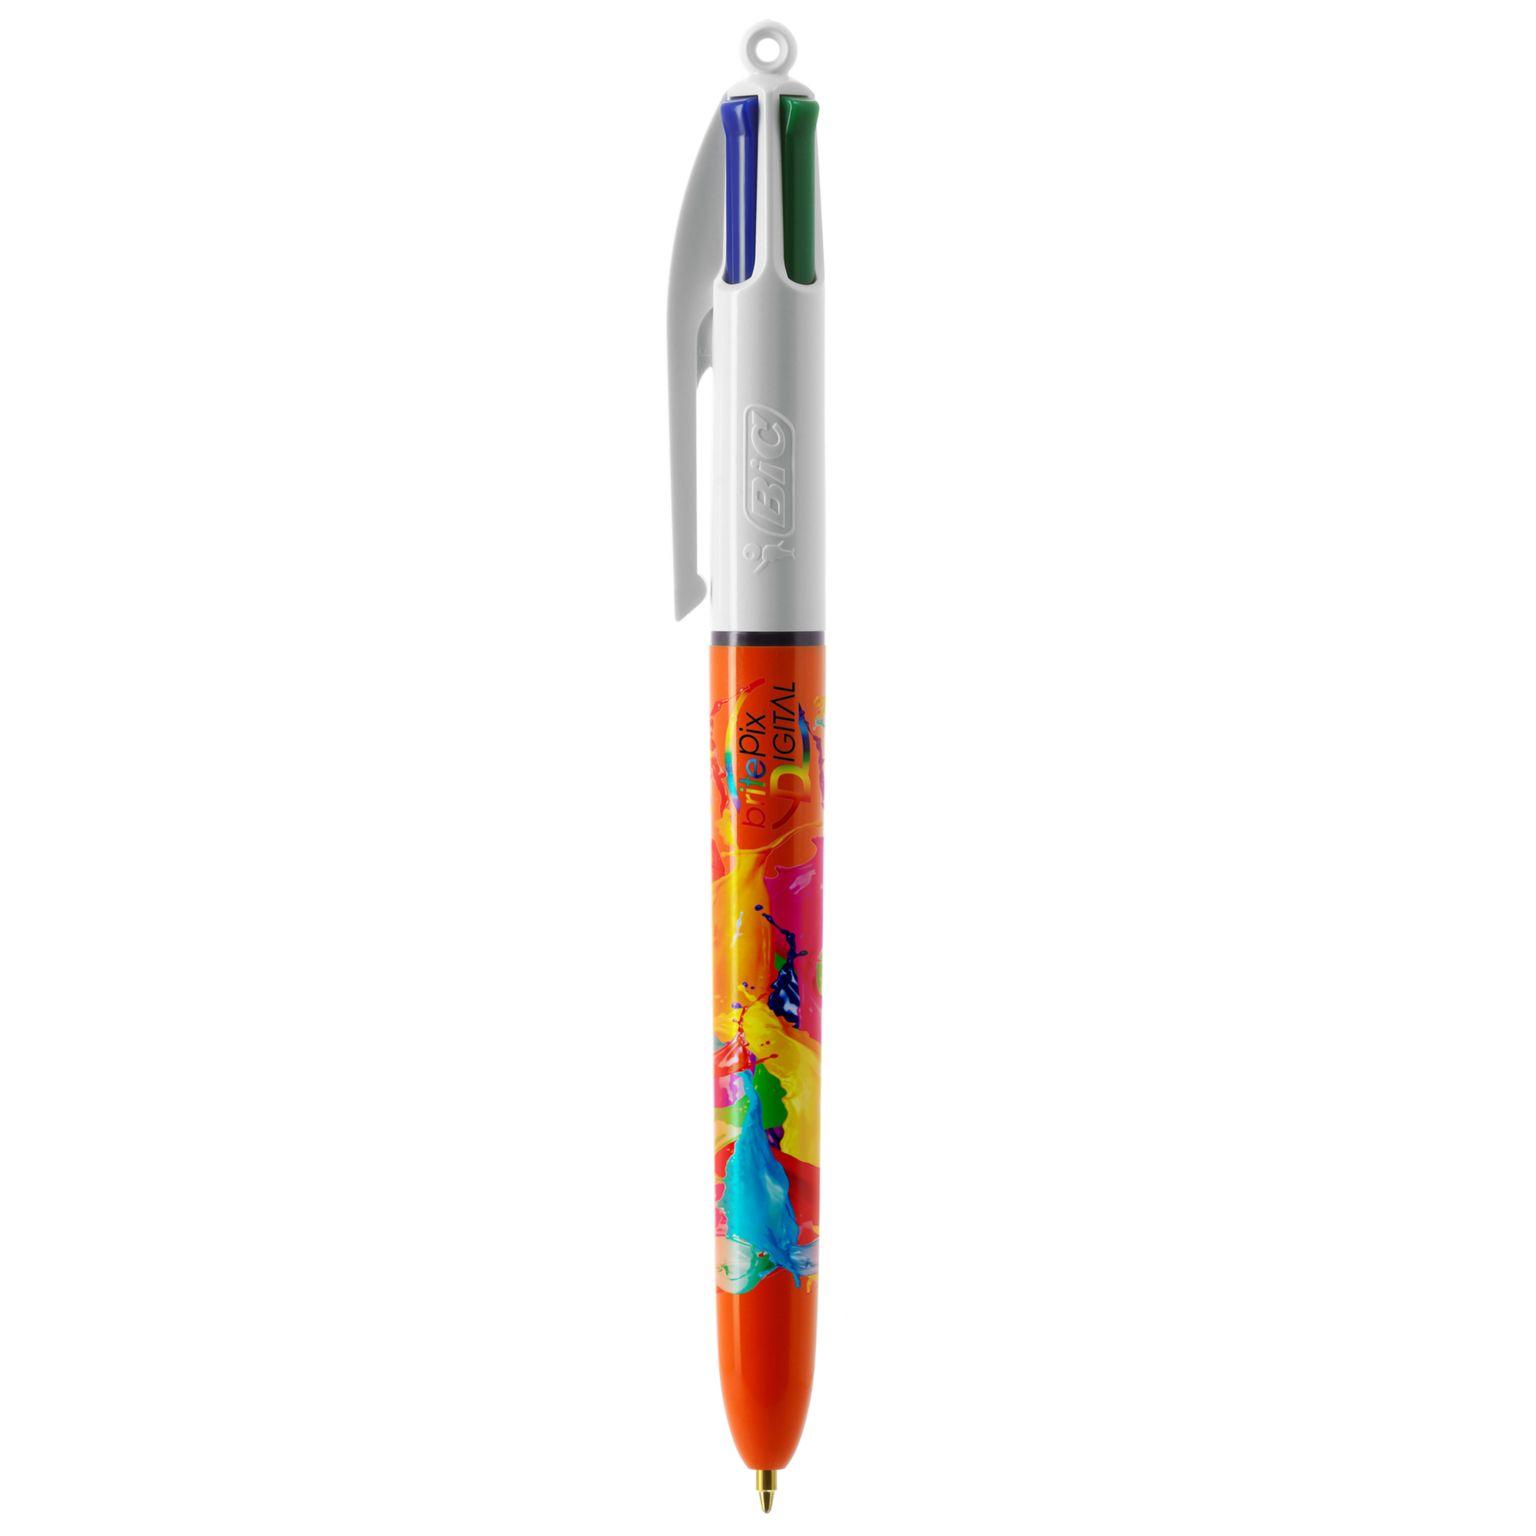 BIC® 4 Colours Fine bille - ISOCOM - OBJETS ET TEXTILES PERSONNALISES - NANTES